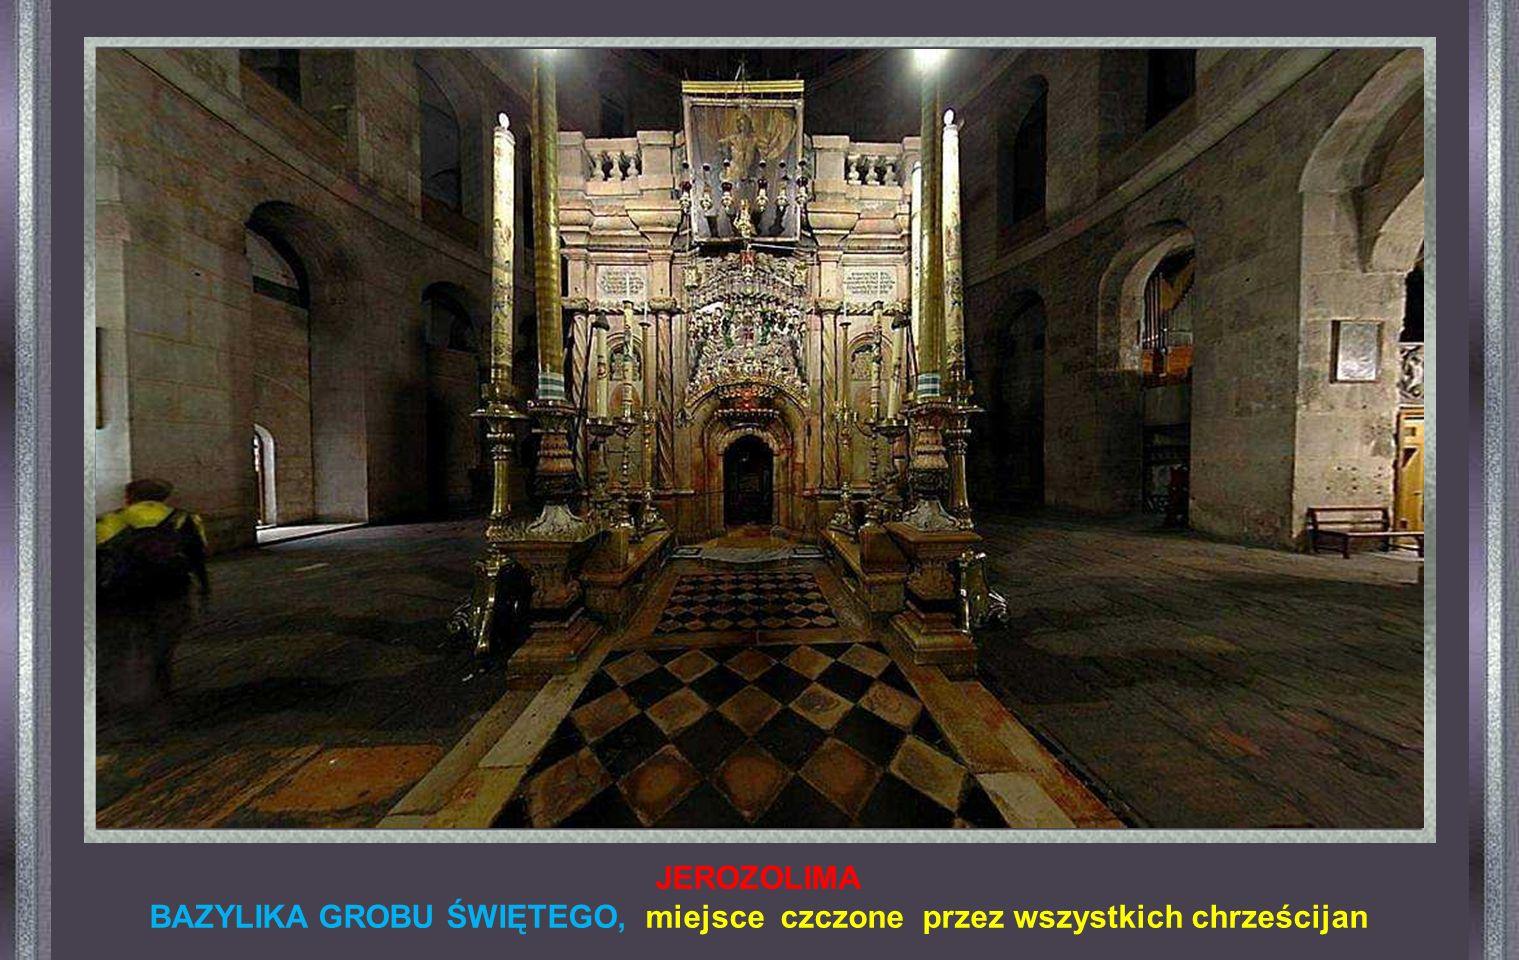 BAZYLIKA GROBU ŚWIĘTEGO, miejsce czczone przez wszystkich chrześcijan